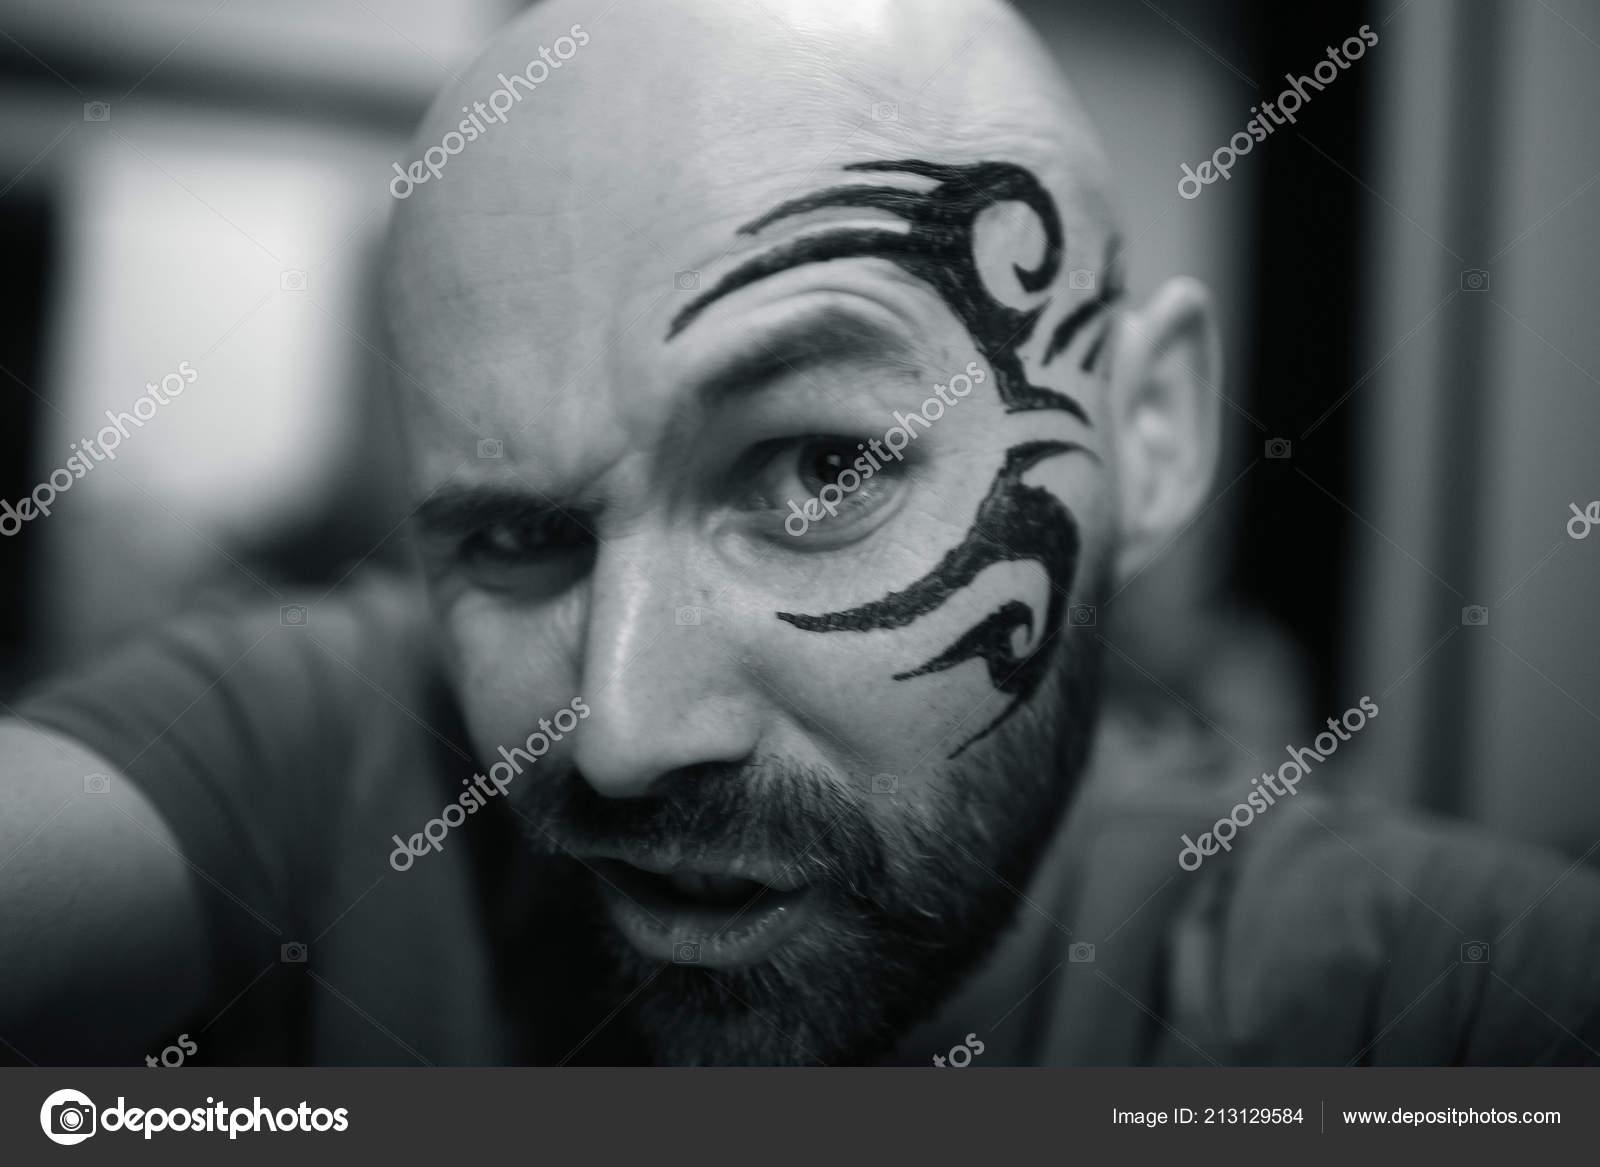 Retrato Hombre Barbado Brutal Con Tatuaje Cara Foto De Stock